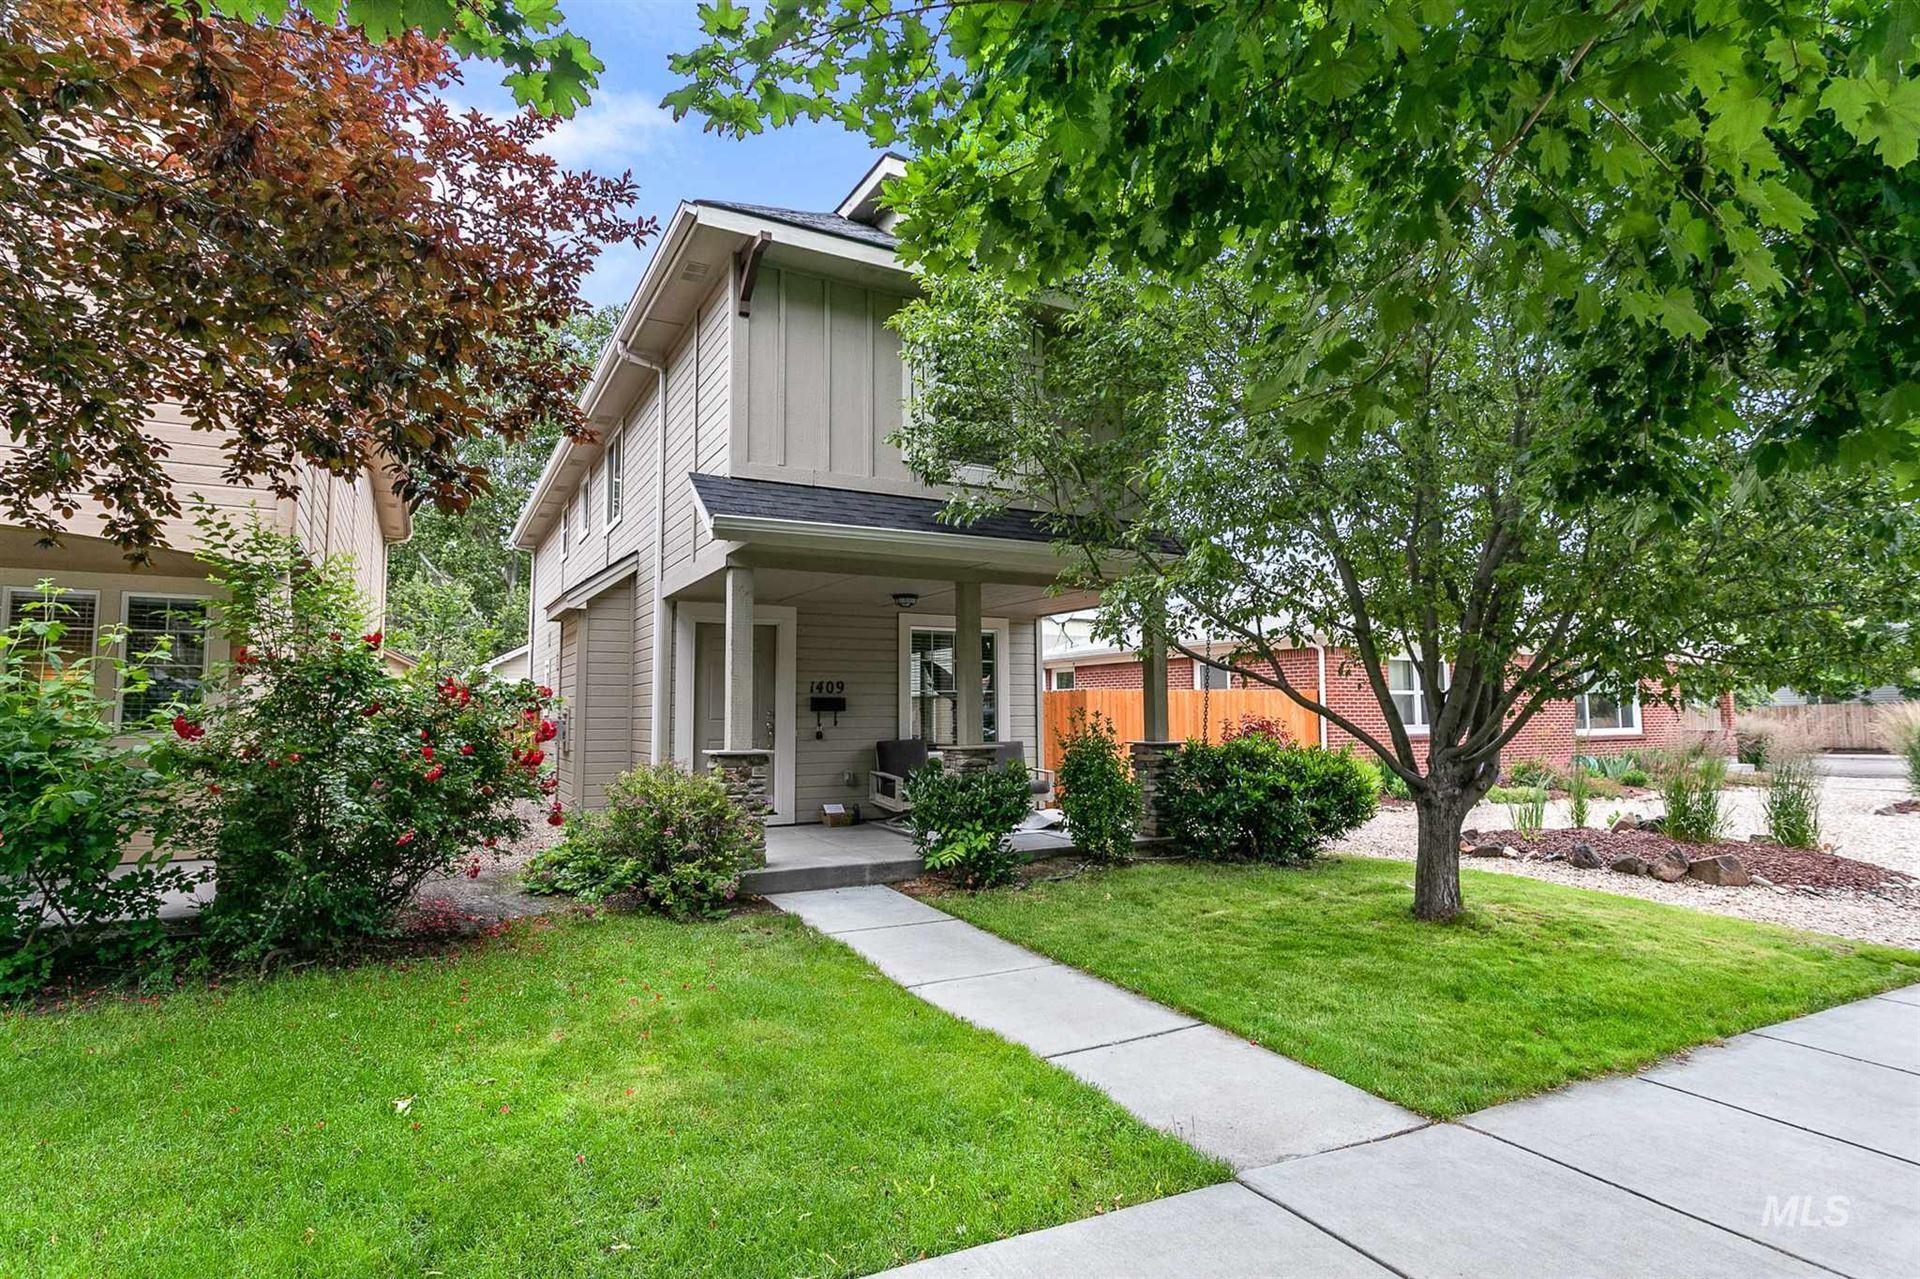 1409 S Denver Ave, Boise, ID 83706 - MLS#: 98770811